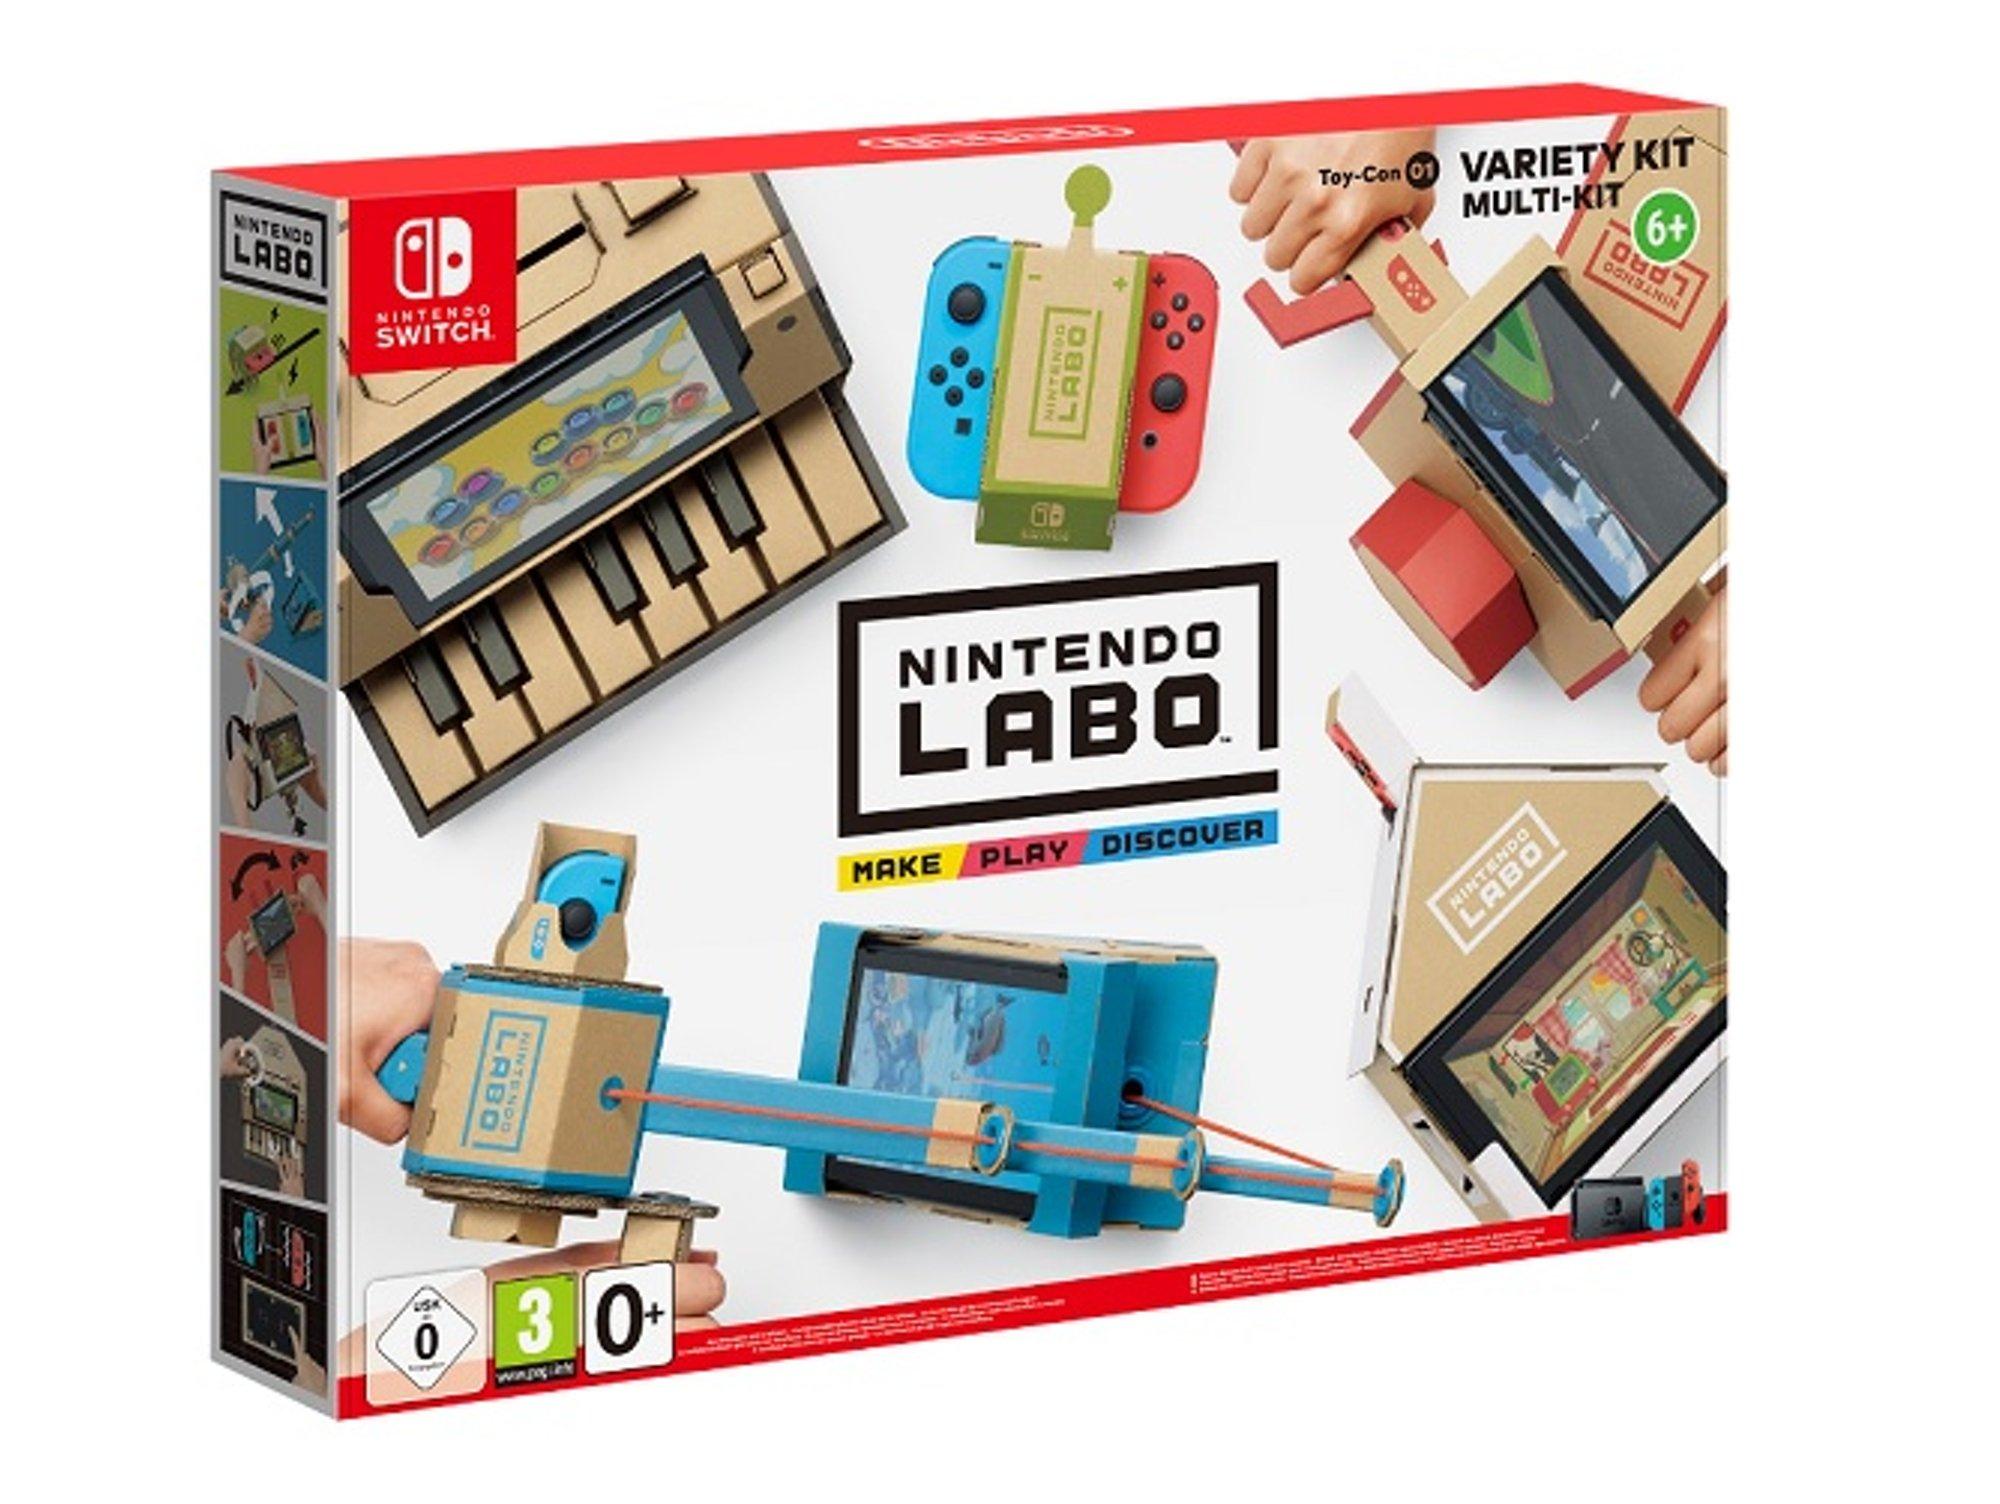 Kit Variado para Nintendo Switch LABO + 5.8€ en Cheque